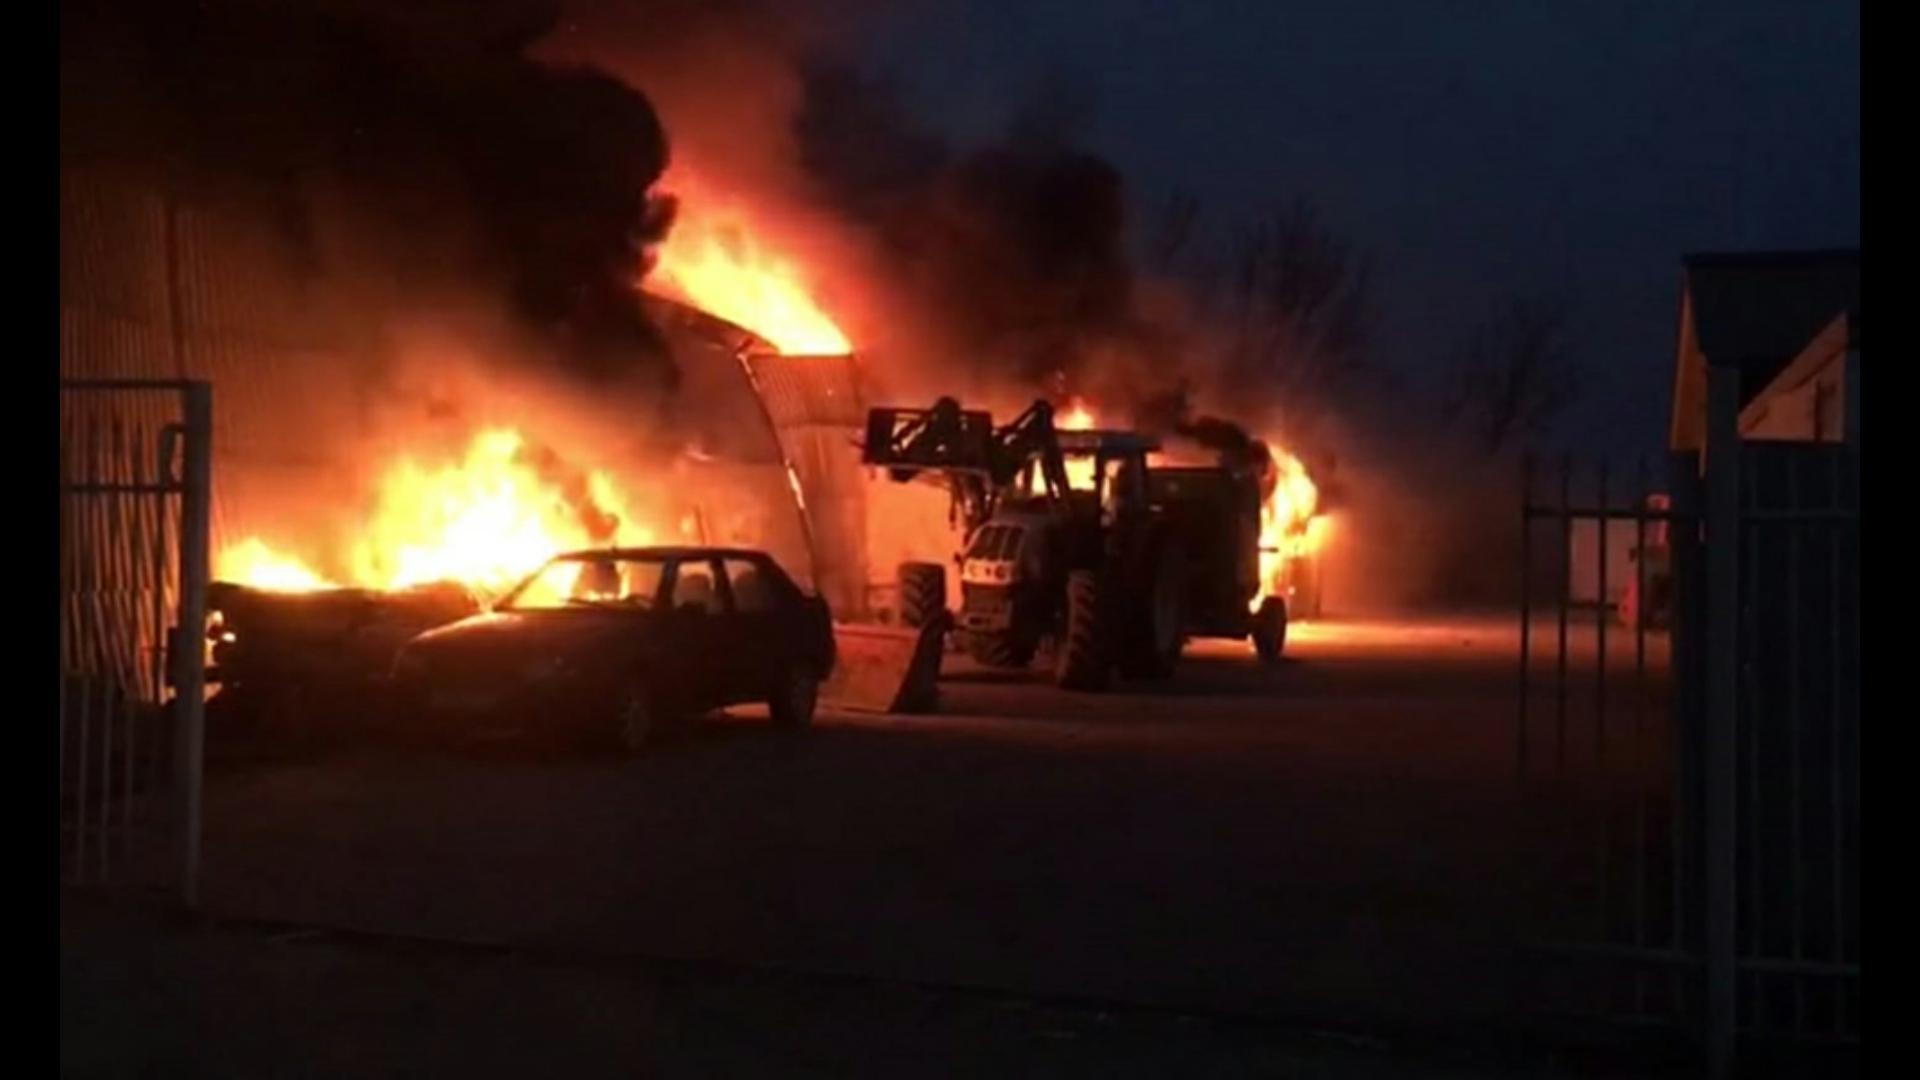 Incendiu de proporţii la o fermă din oraşul Amara, judeţul Ialomiţa. Un bărbat a decedat